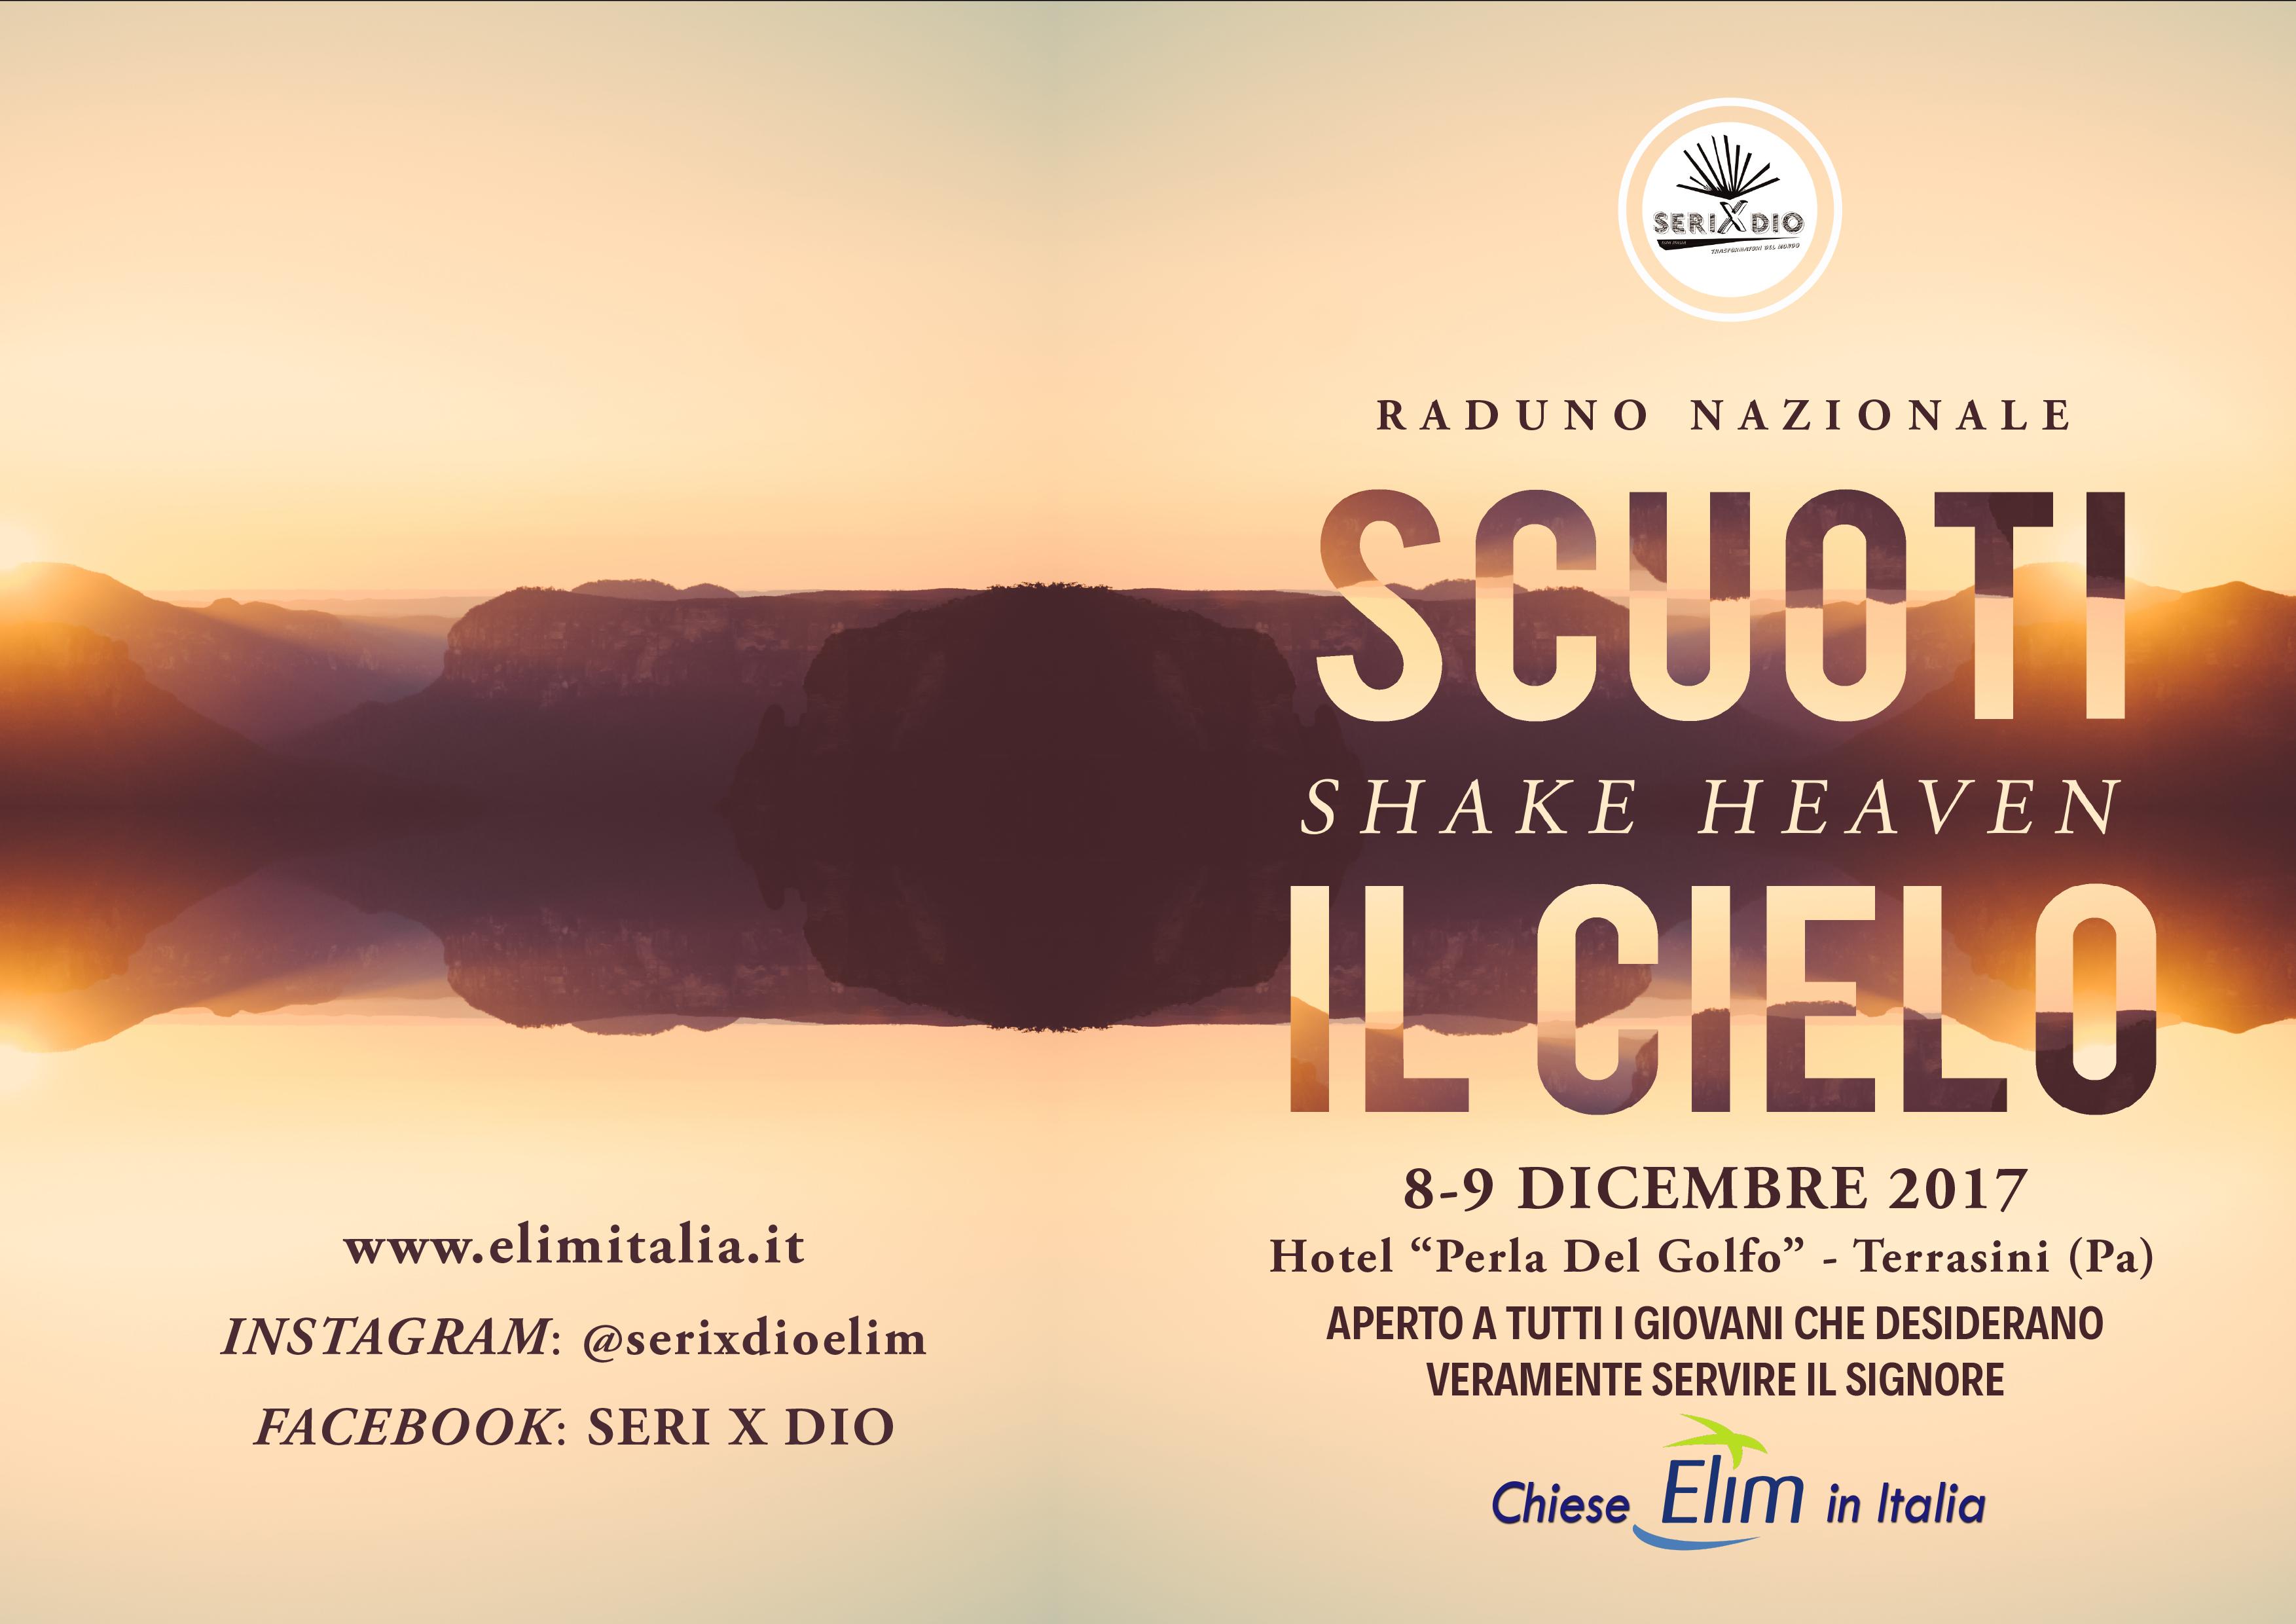 'SHAKE HEAVEN – SCUOTI I CIELI' – SERIXDIO 1° Raduno Nazionale Giovanile 8-9 Dicembre 2017